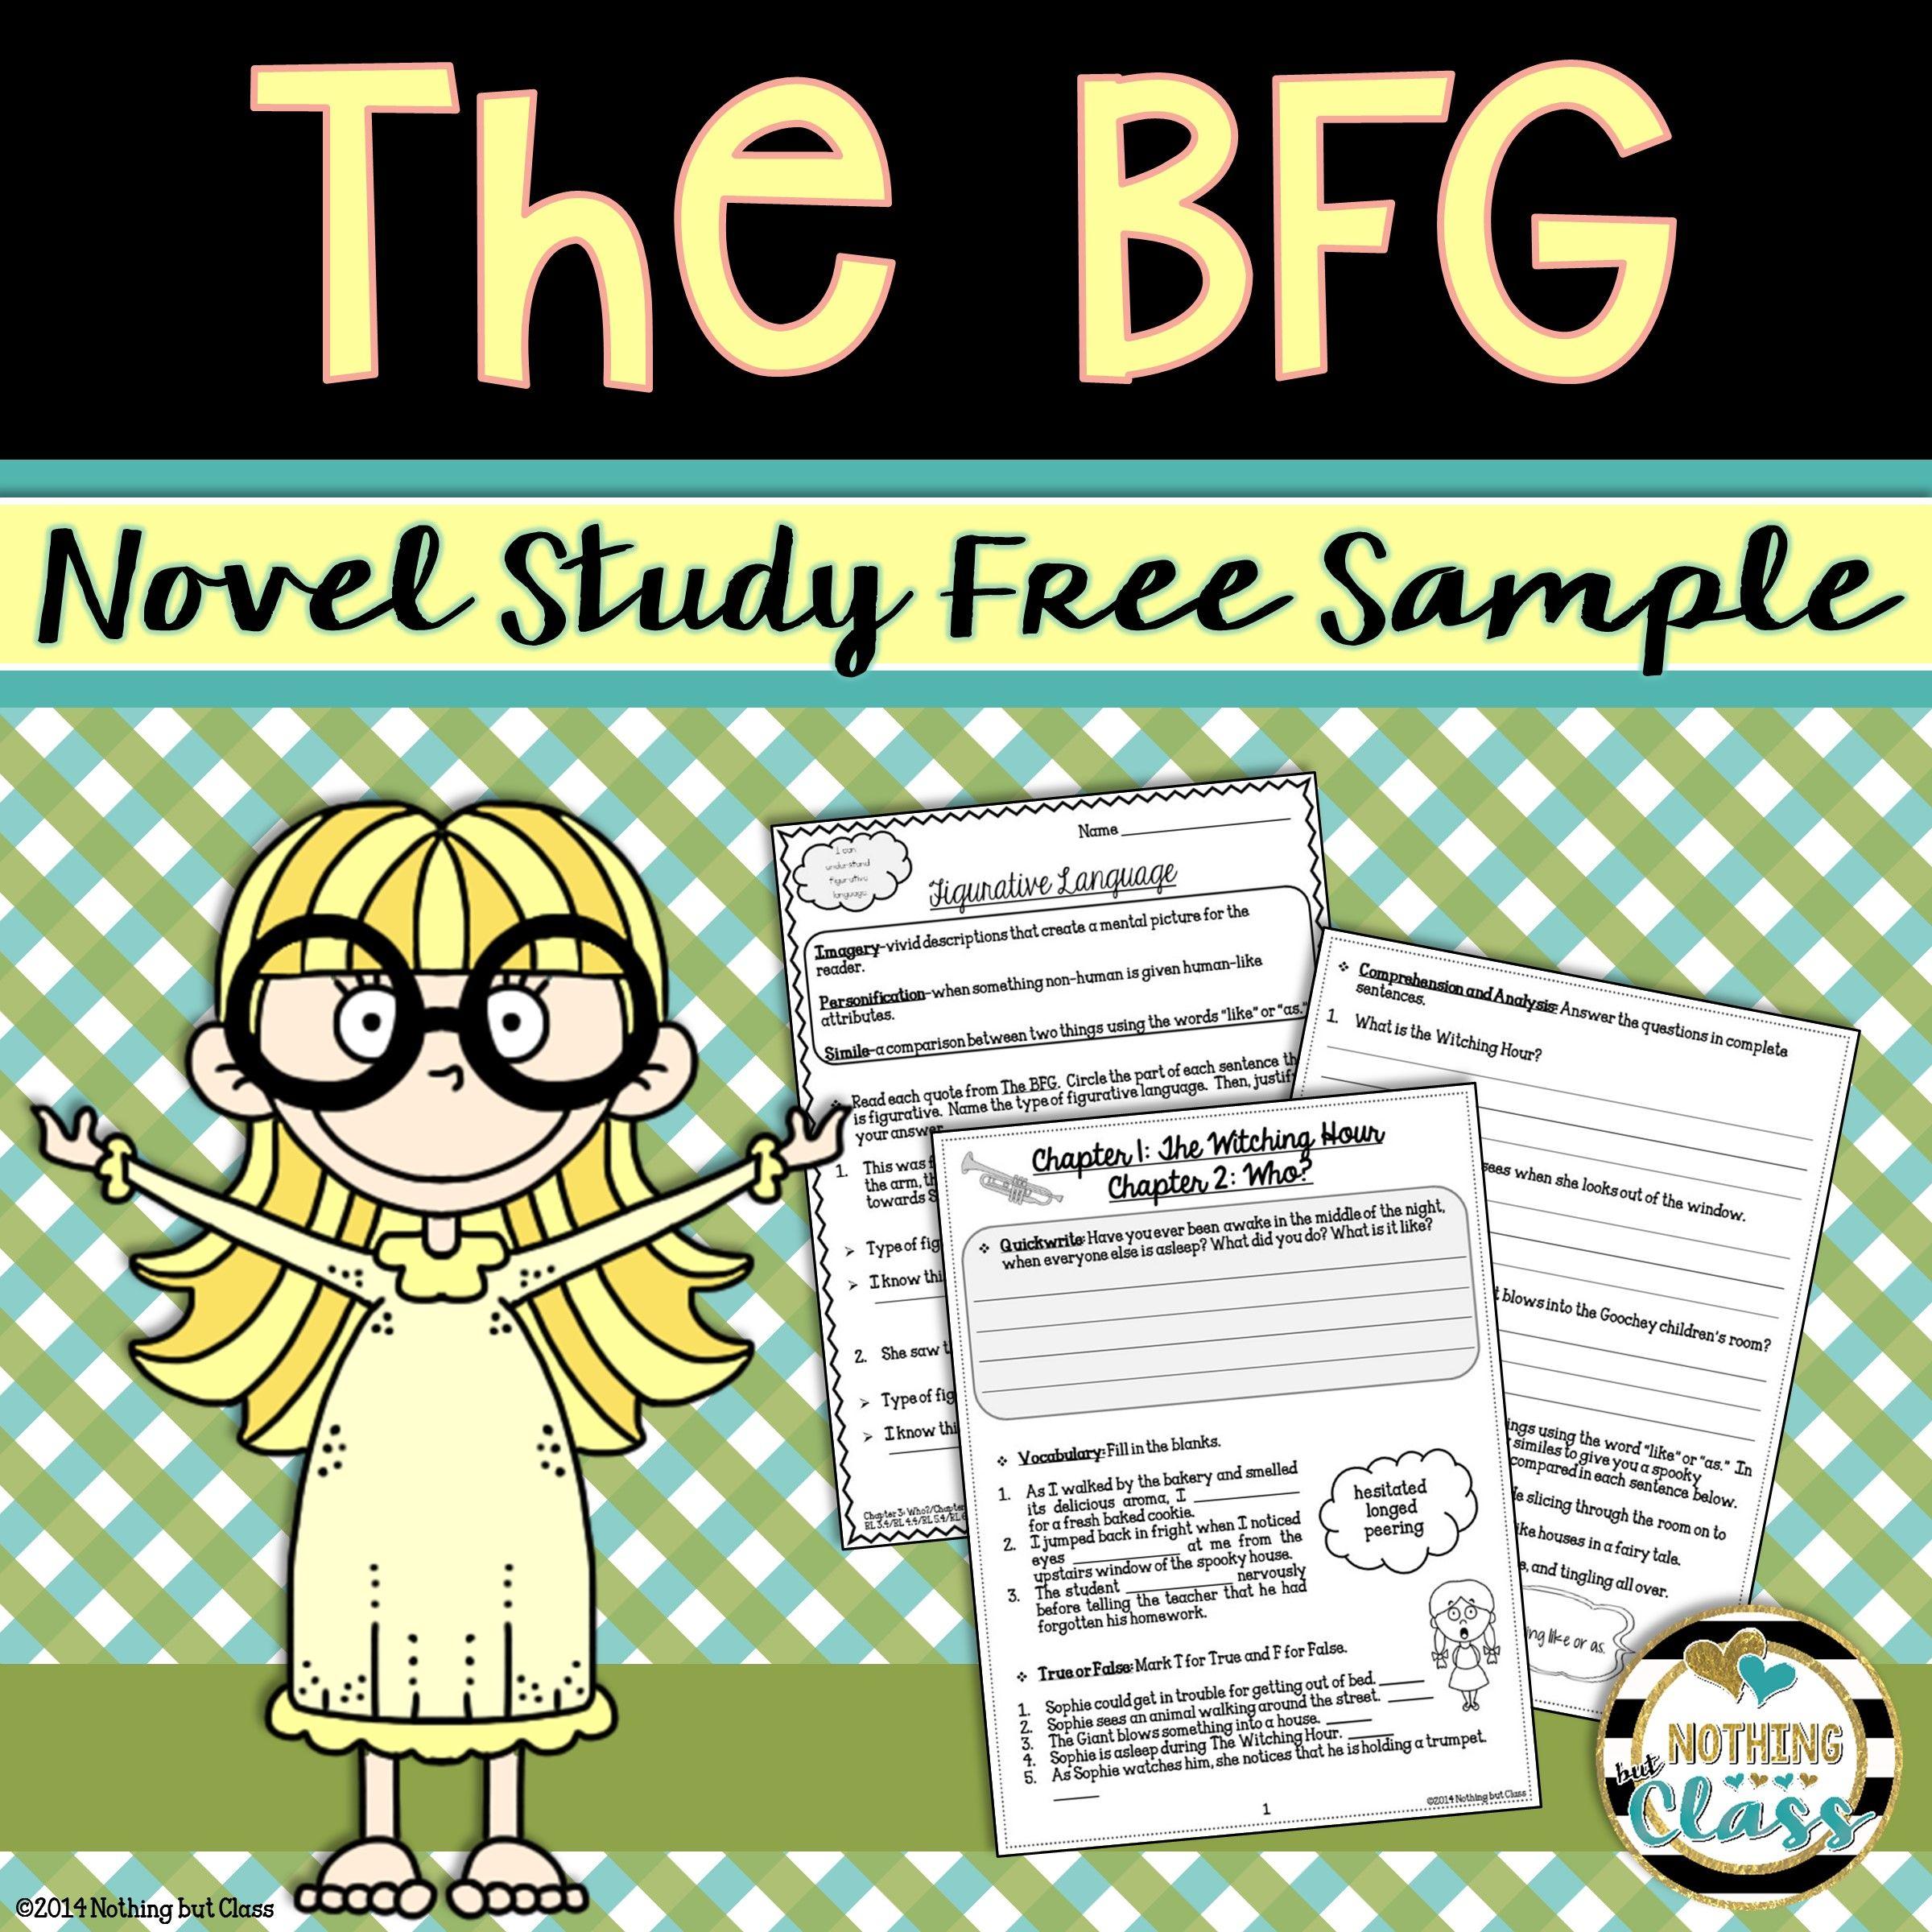 The Bfg Novel Study Unit Free Sample